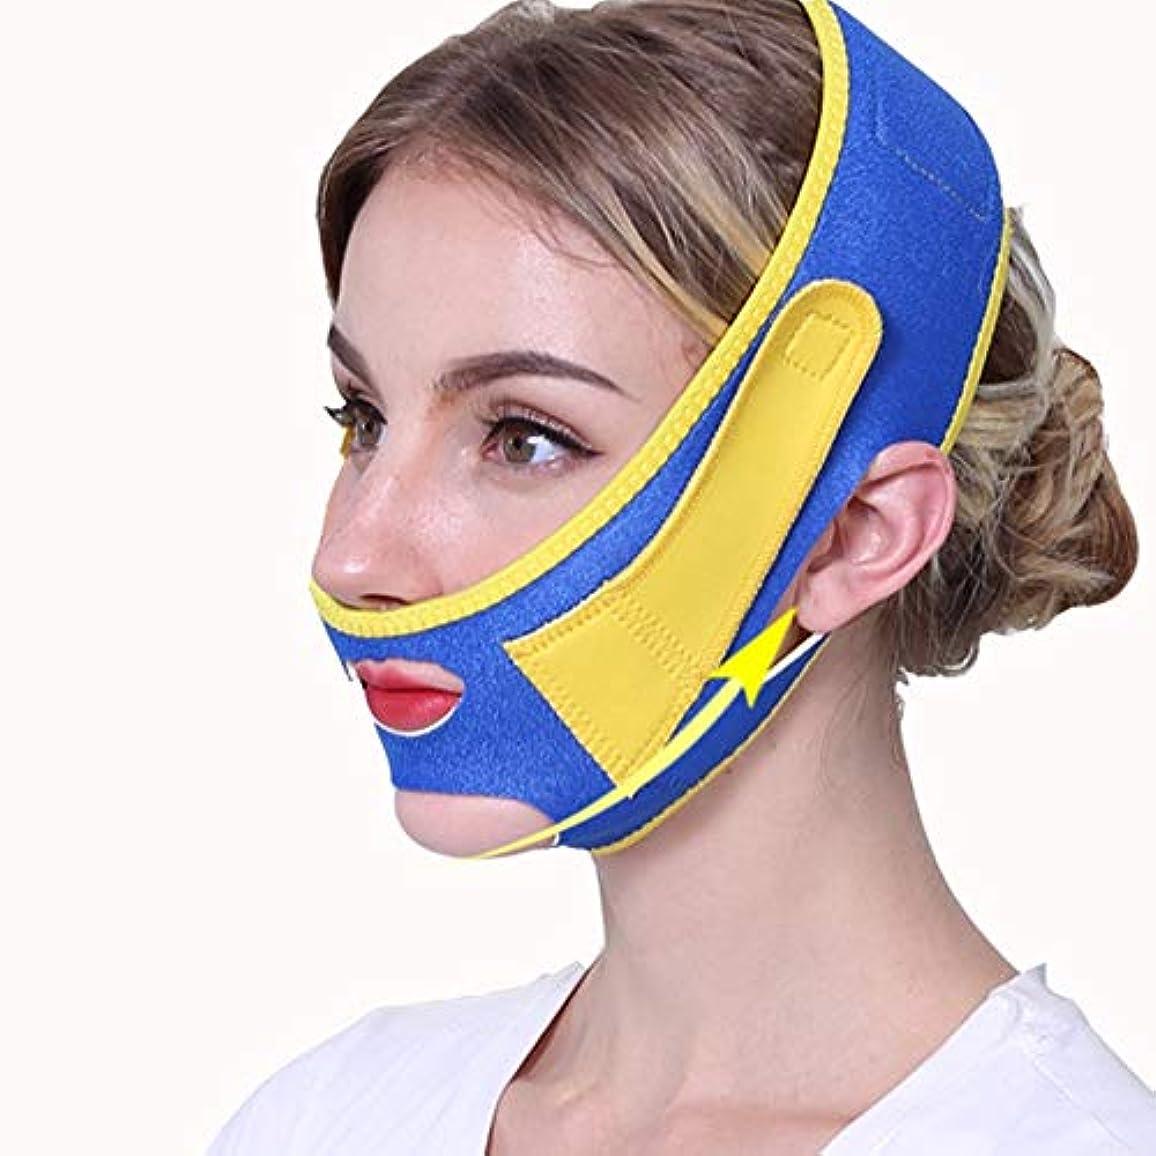 話健康支払うフェイシャルリフティング痩身ベルトフェイス包帯マスク整形マスクフェイスベルトを引き締める薄型フェイス包帯整形マスクフェイスと首の顔を引き締めスリム